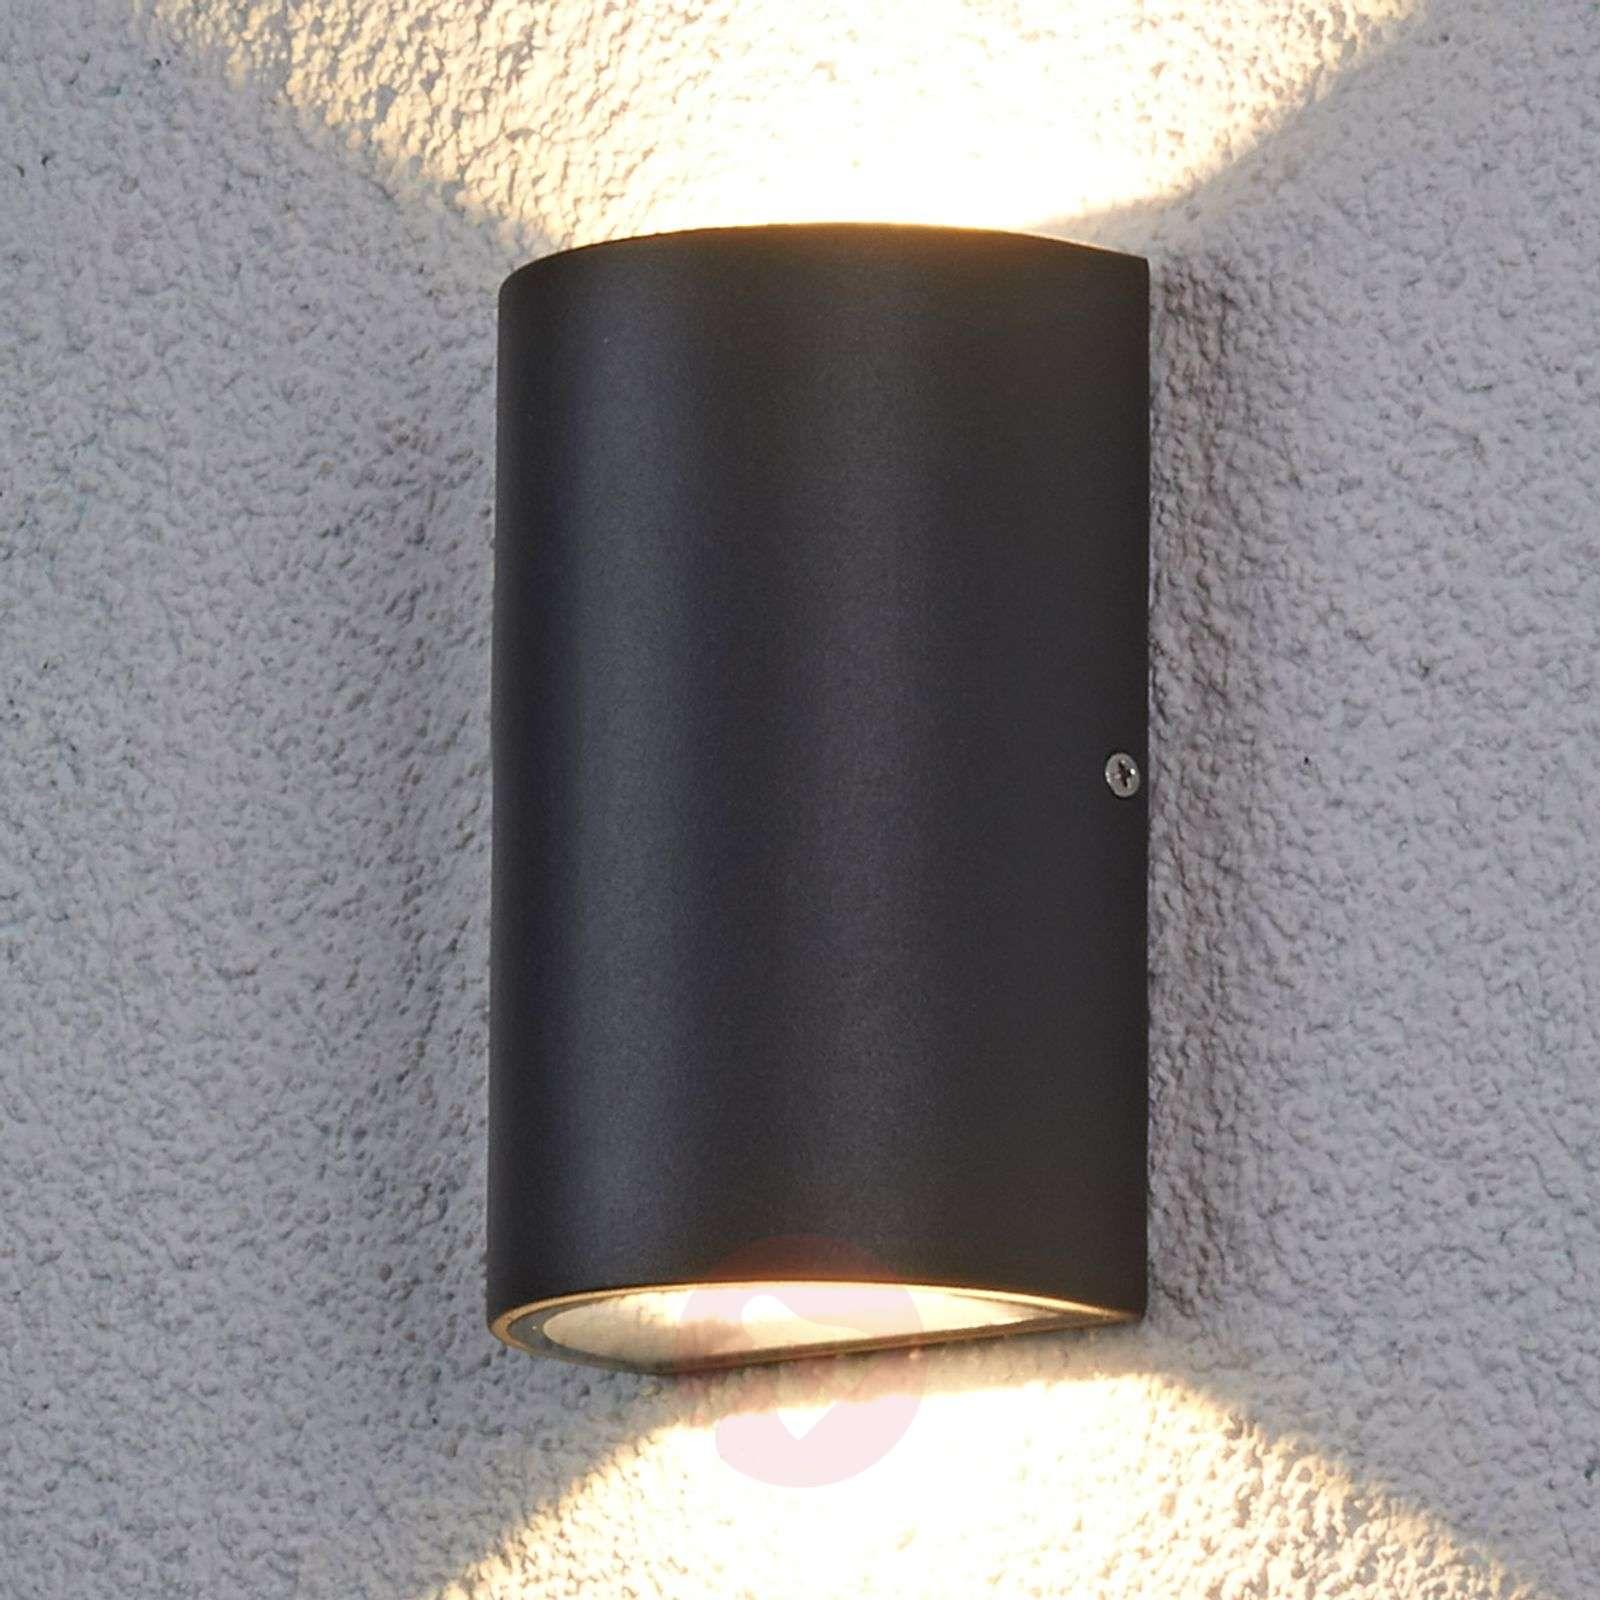 Puoliympyrä LED-ulkoseinävalaisin Jale, 2 x 6 W-9618016-01